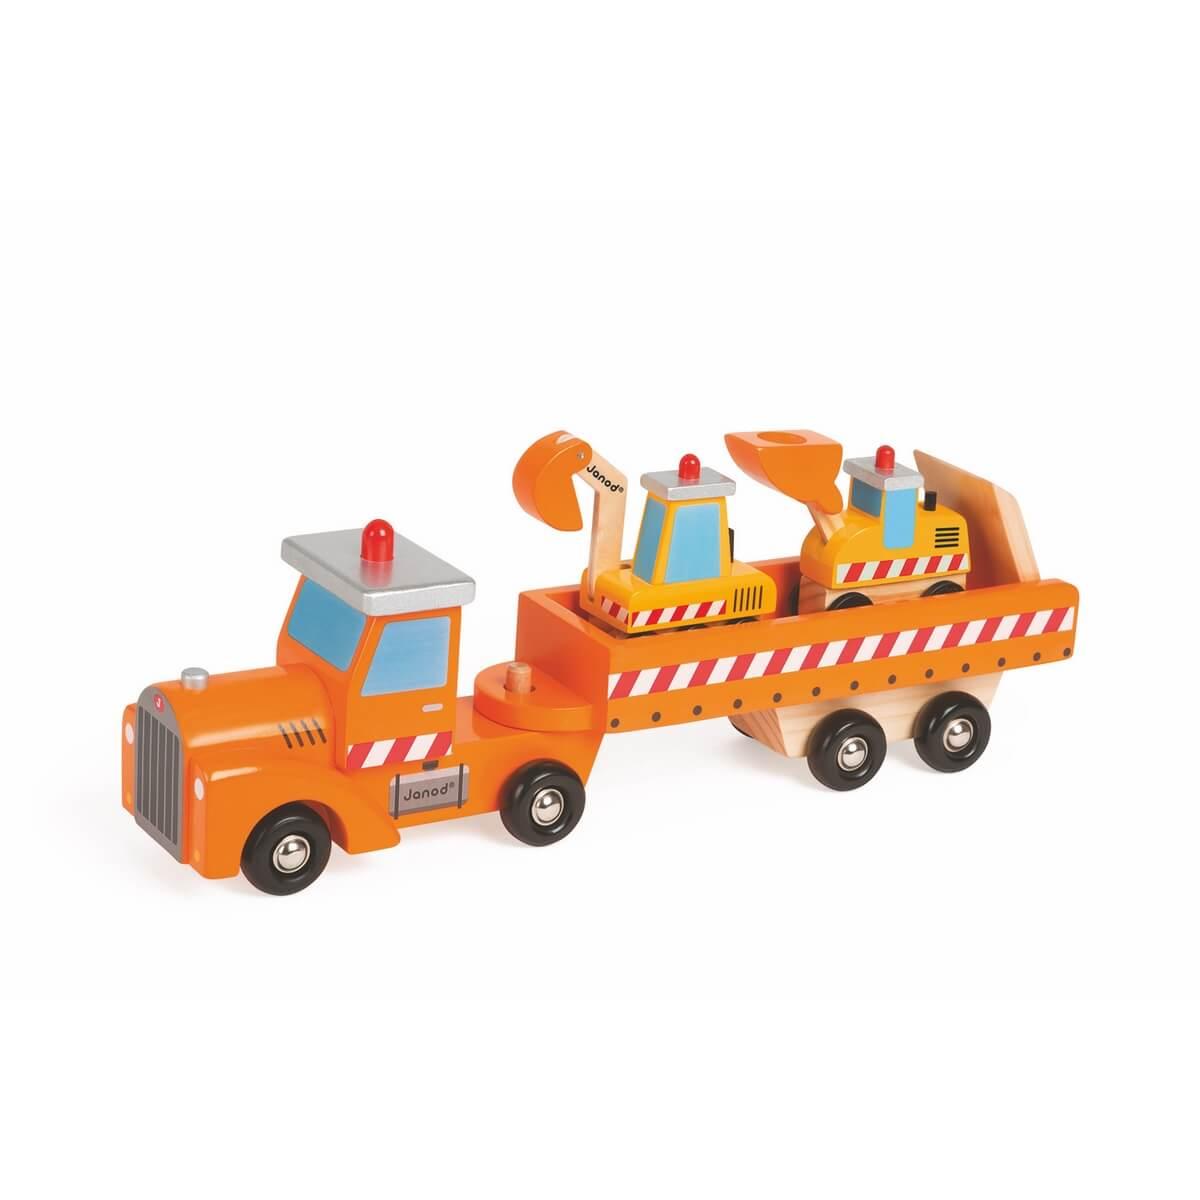 Janod Автовоз и 2 бульдозераJ08575Внимание! Стройка! Автовоз с бетономешалкой и автопогрузчиком Janod позволит ребенку организовать импровизированную стройку. Деревянный автовоз и 2 бульдозера помогу с ознакомлением вашего малыша с различной спецтехникой, а может станут прекрасным дополнением к уже существующей коллекции качественных развивающих деревянных игрушек от французского бренда Janod.